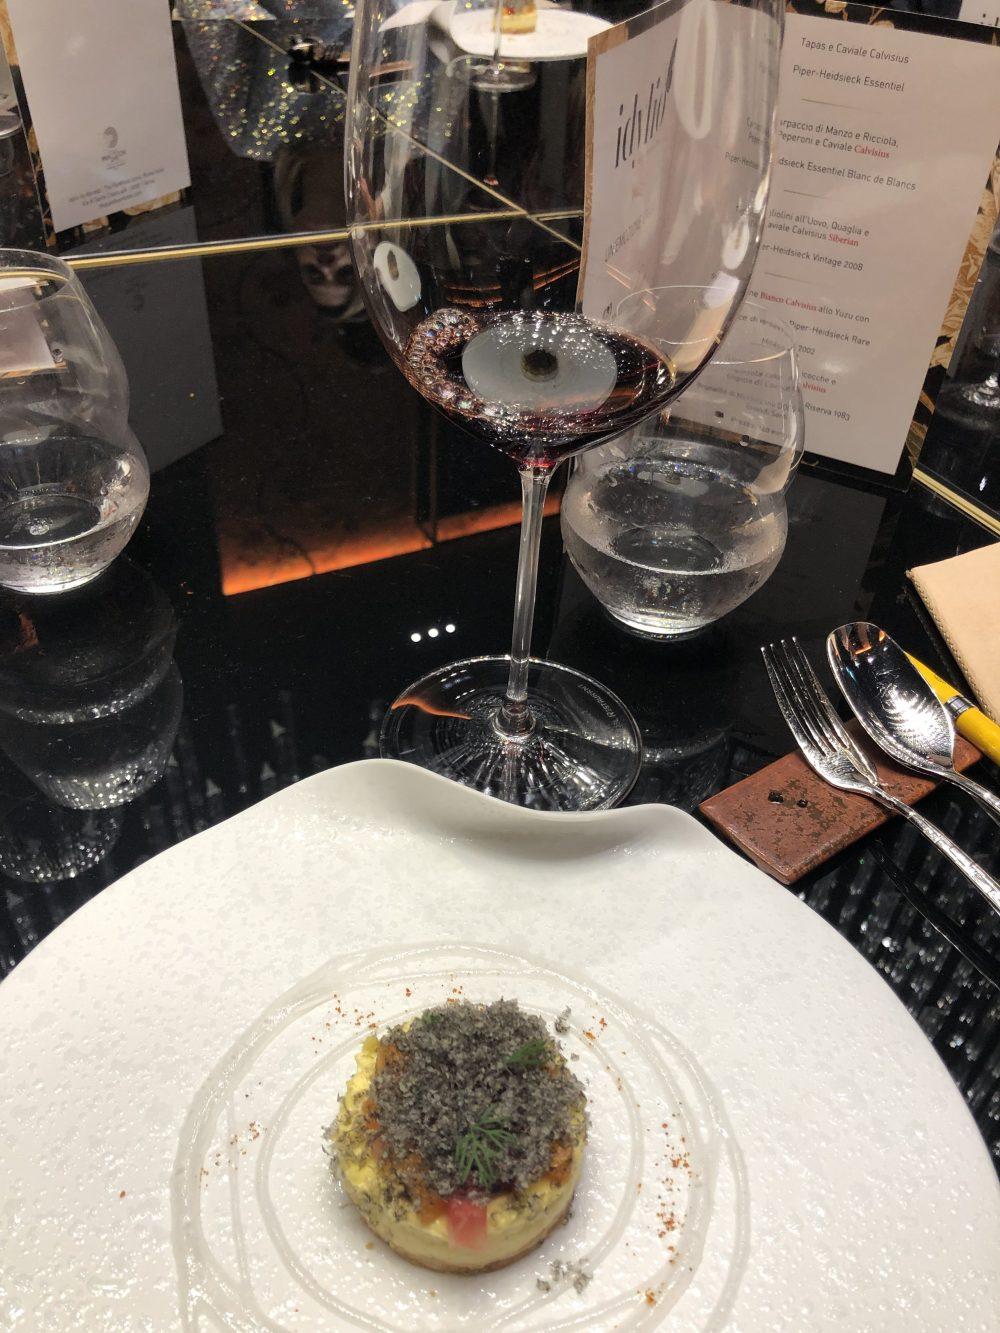 Gorgonzola cake, albicocche e lingotto di Caviale abbinato al Brunello di Montalcino DOCG Riserva 1983 Biondi Santi